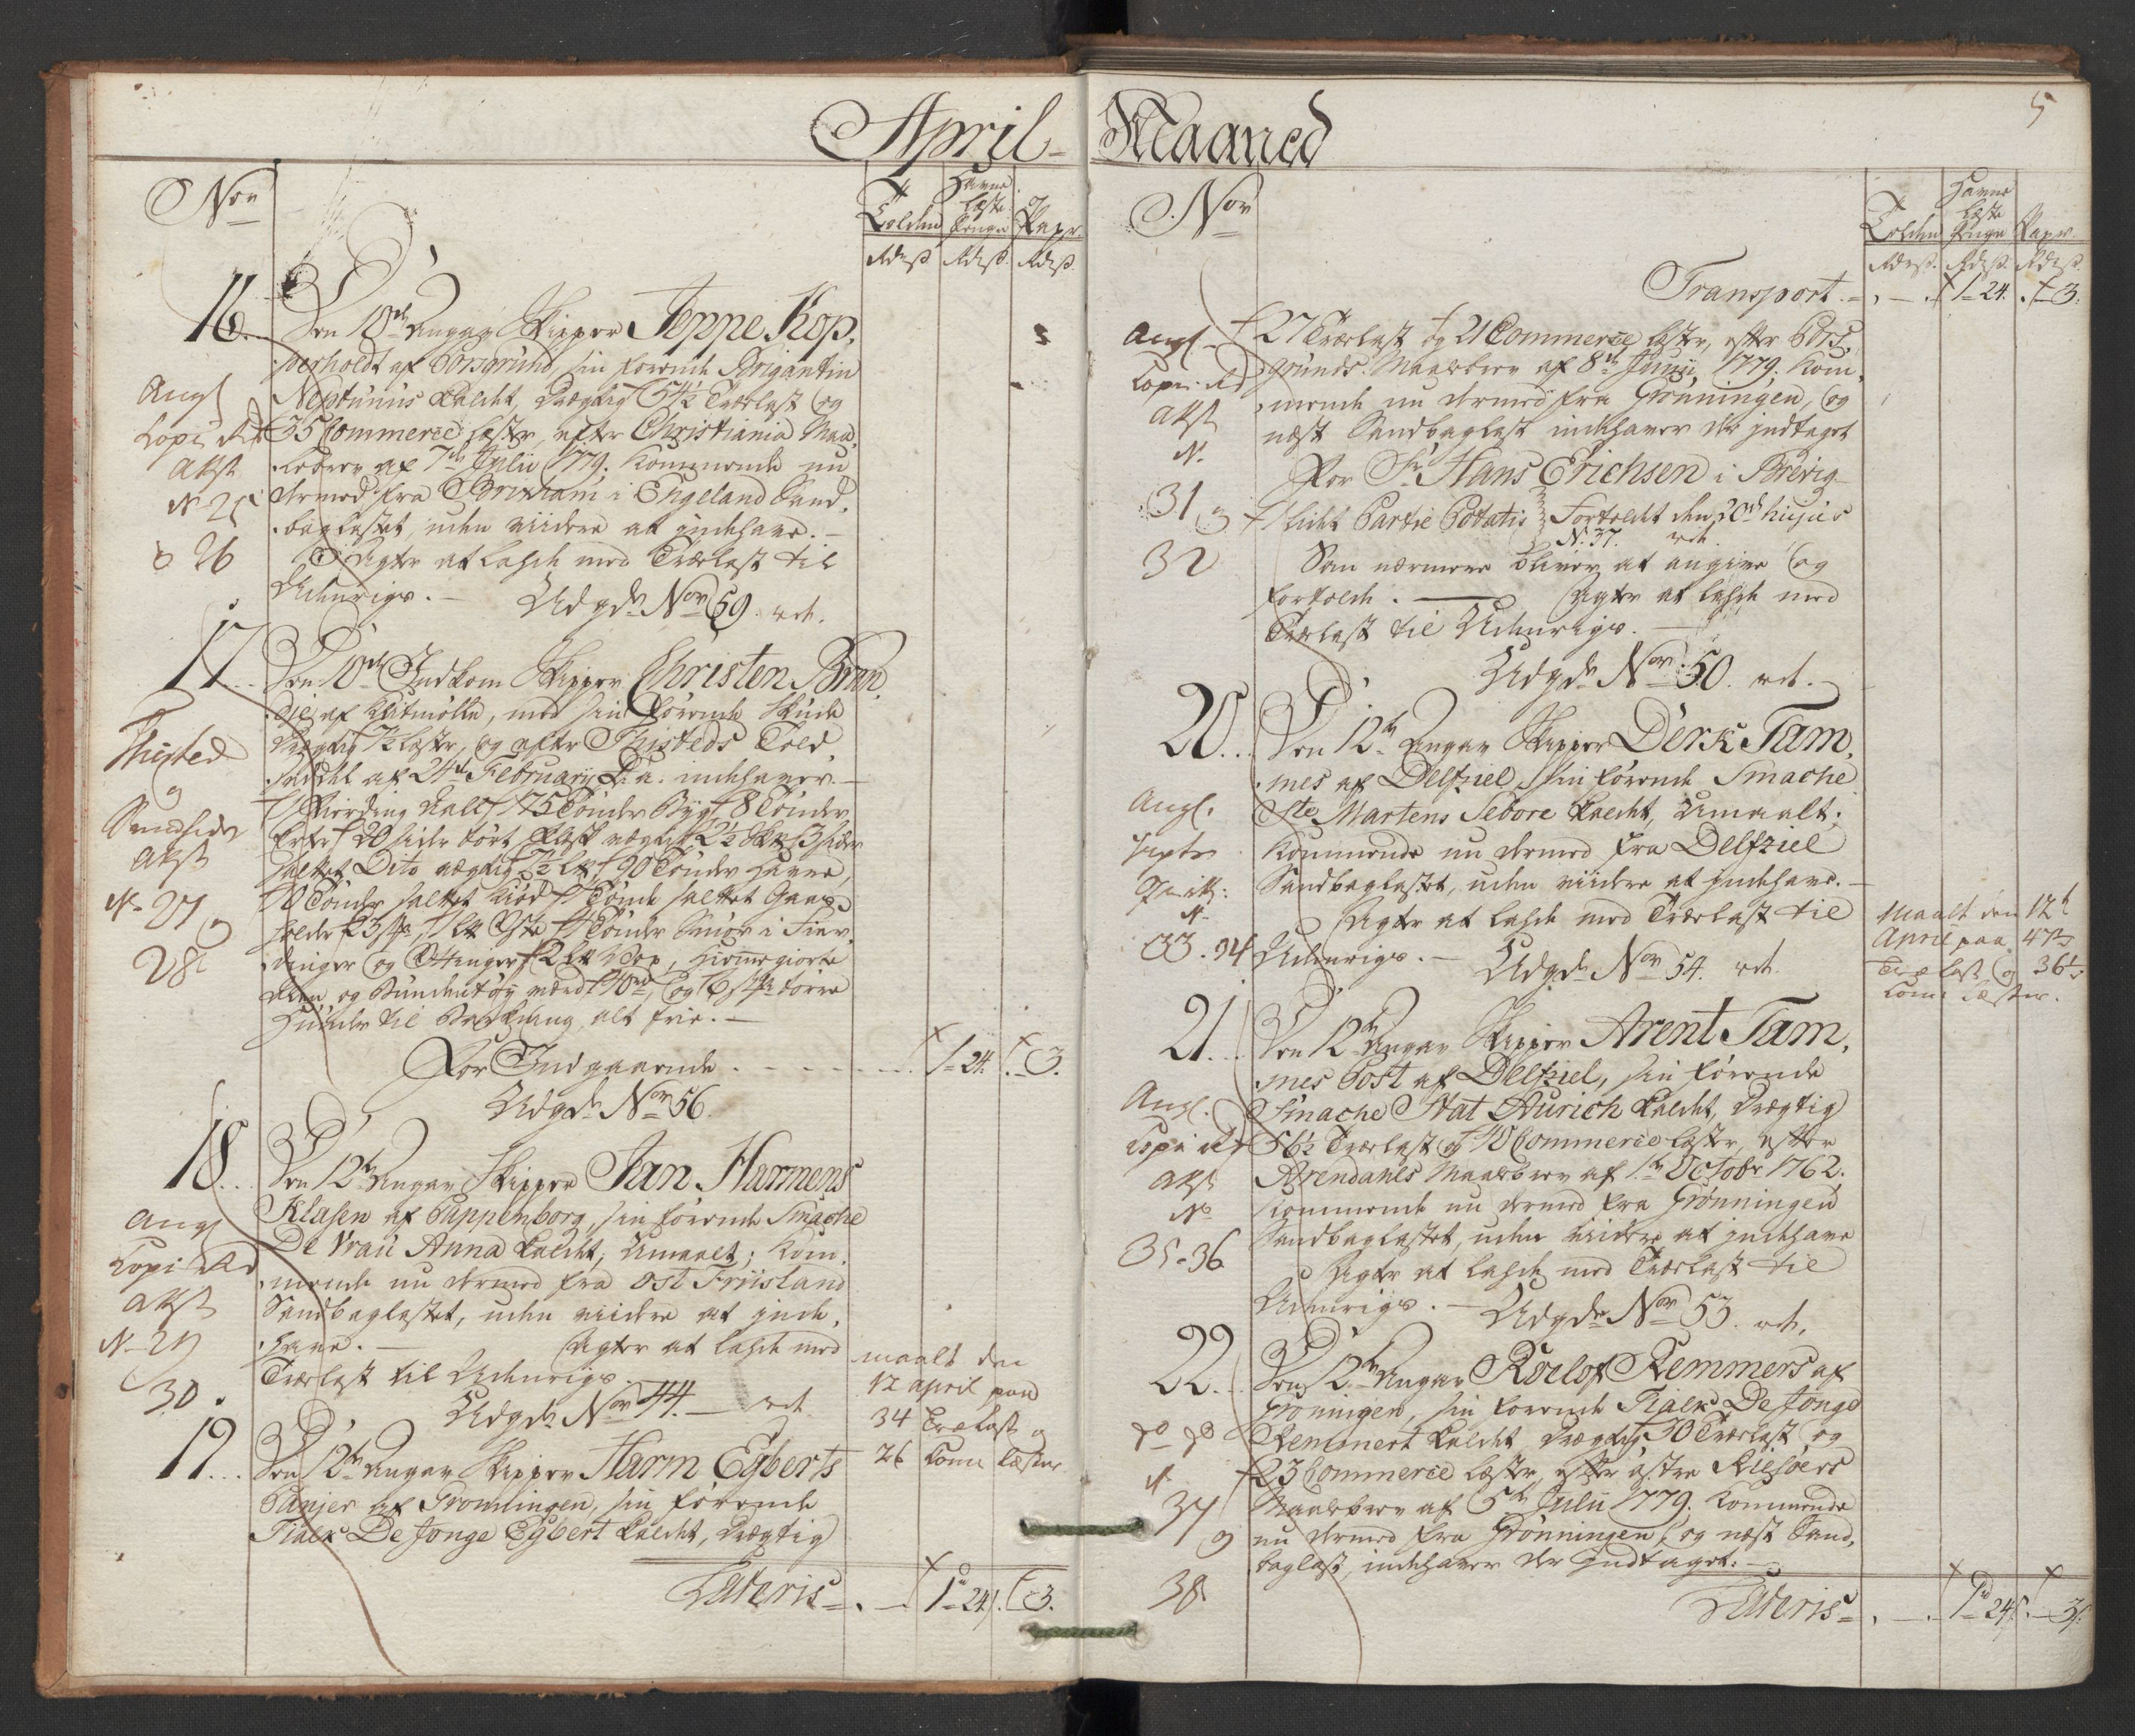 RA, Generaltollkammeret, tollregnskaper, R12/L0118: Tollregnskaper Langesund, 1786, p. 4b-5a